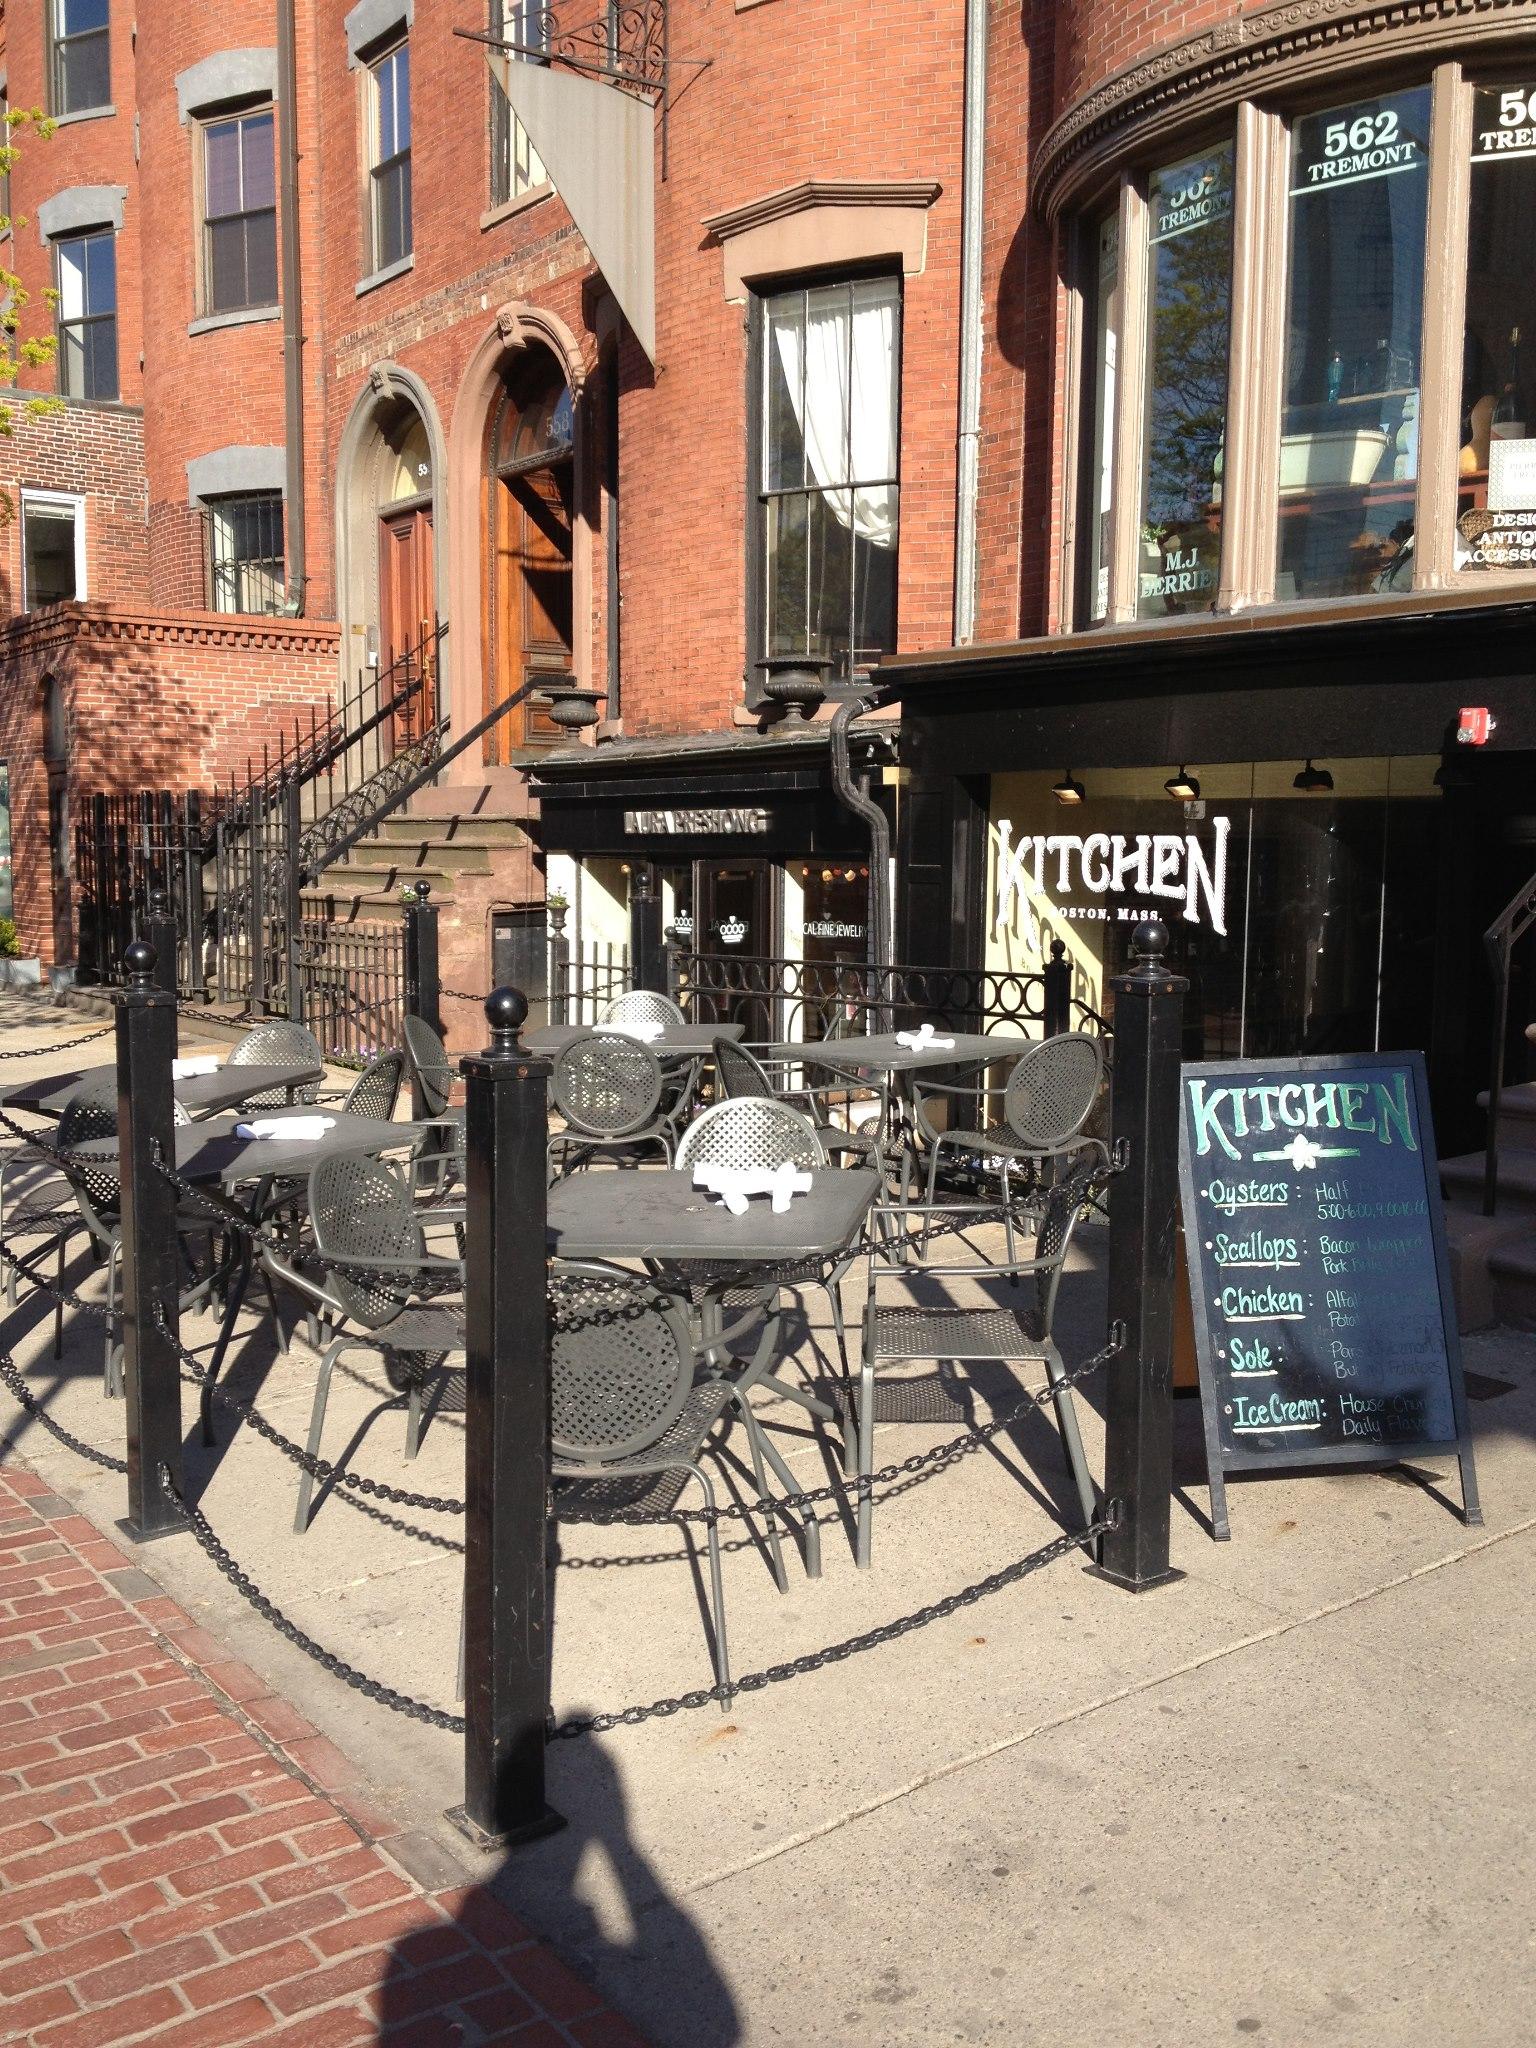 Kitchen at 560 Tremont St.